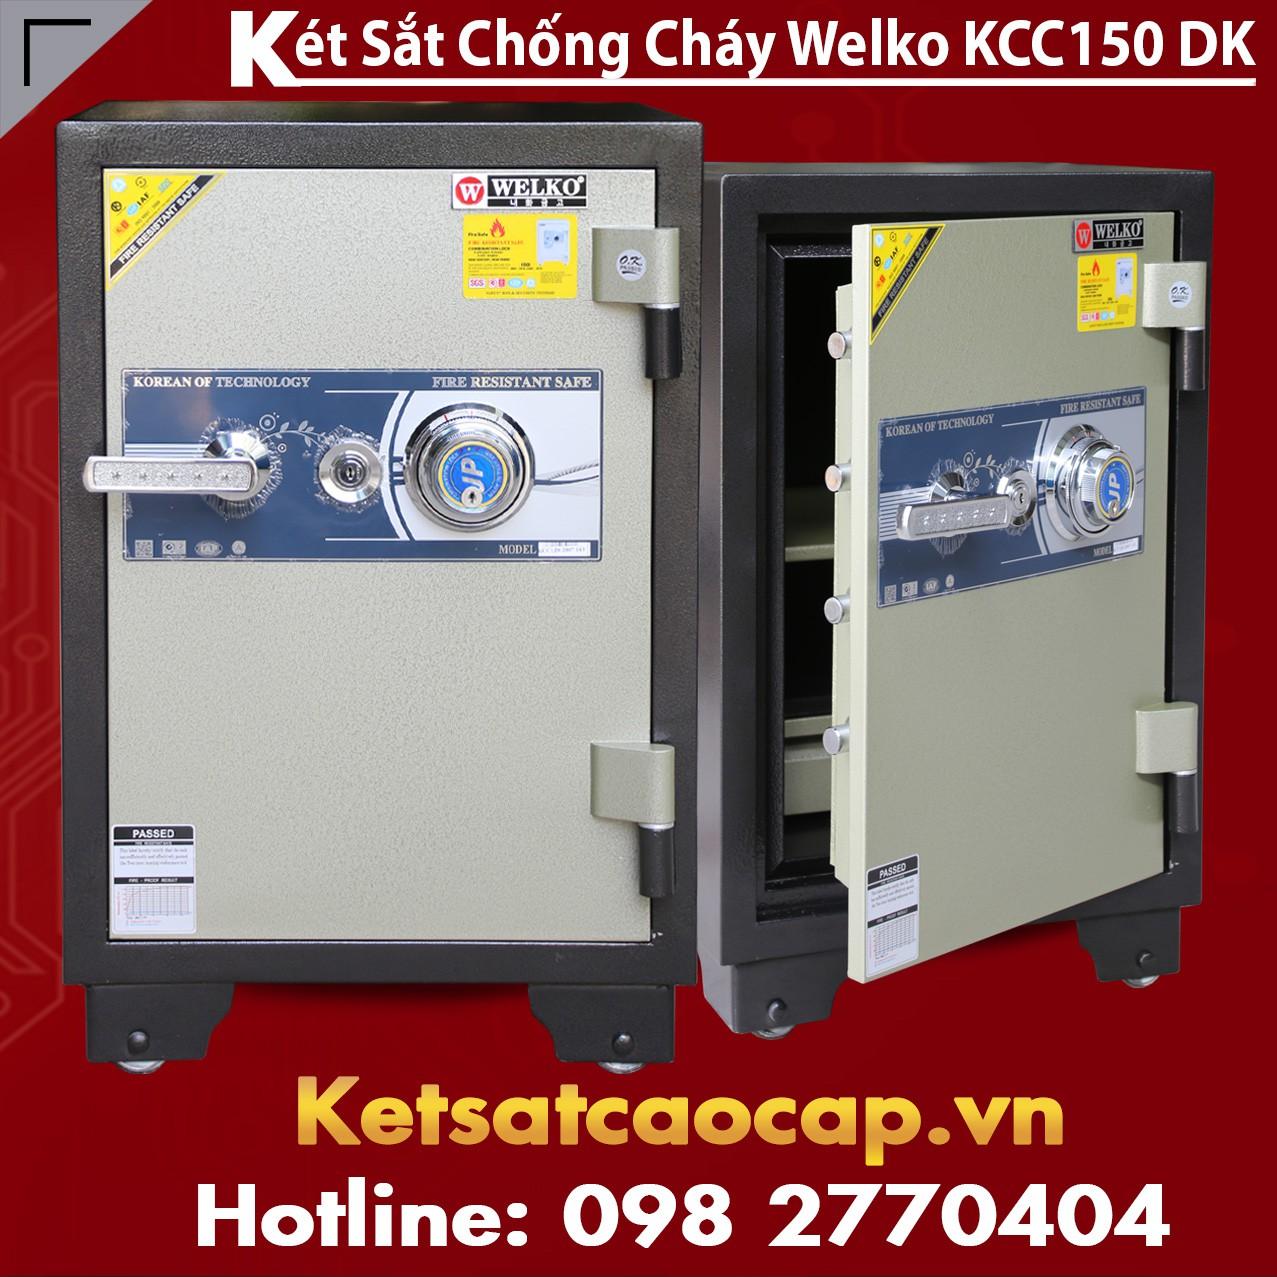 Két Sắt Nhật Bản WELKO KCC150 DK